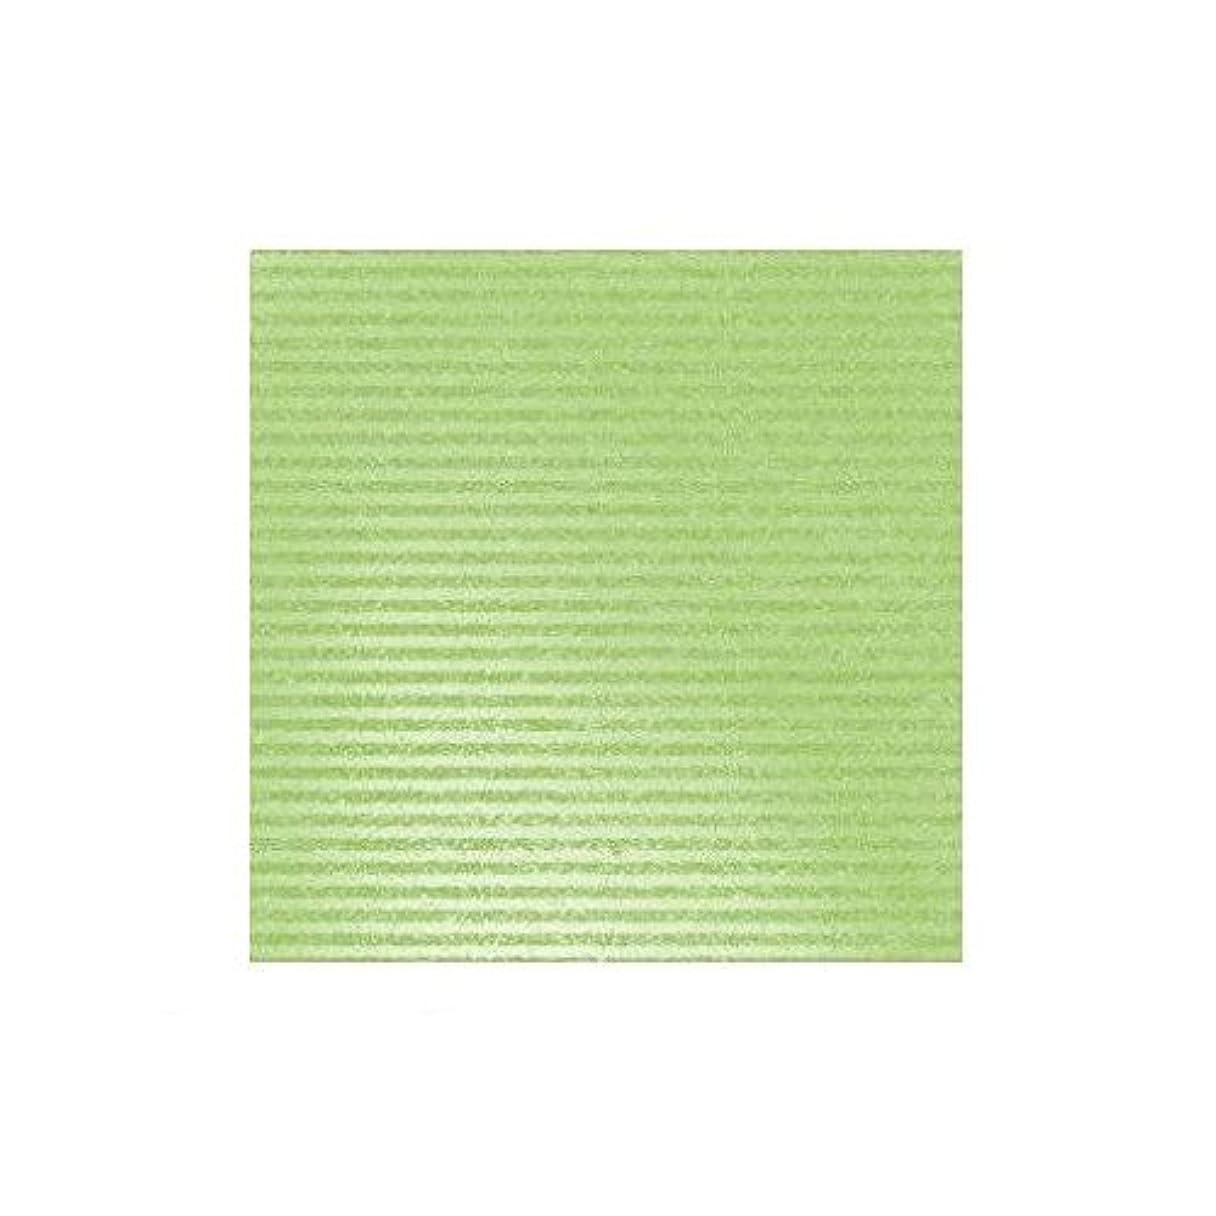 見ましたひそかに満足できるAN65251 包装紙 クリスタルグリーン 半才判